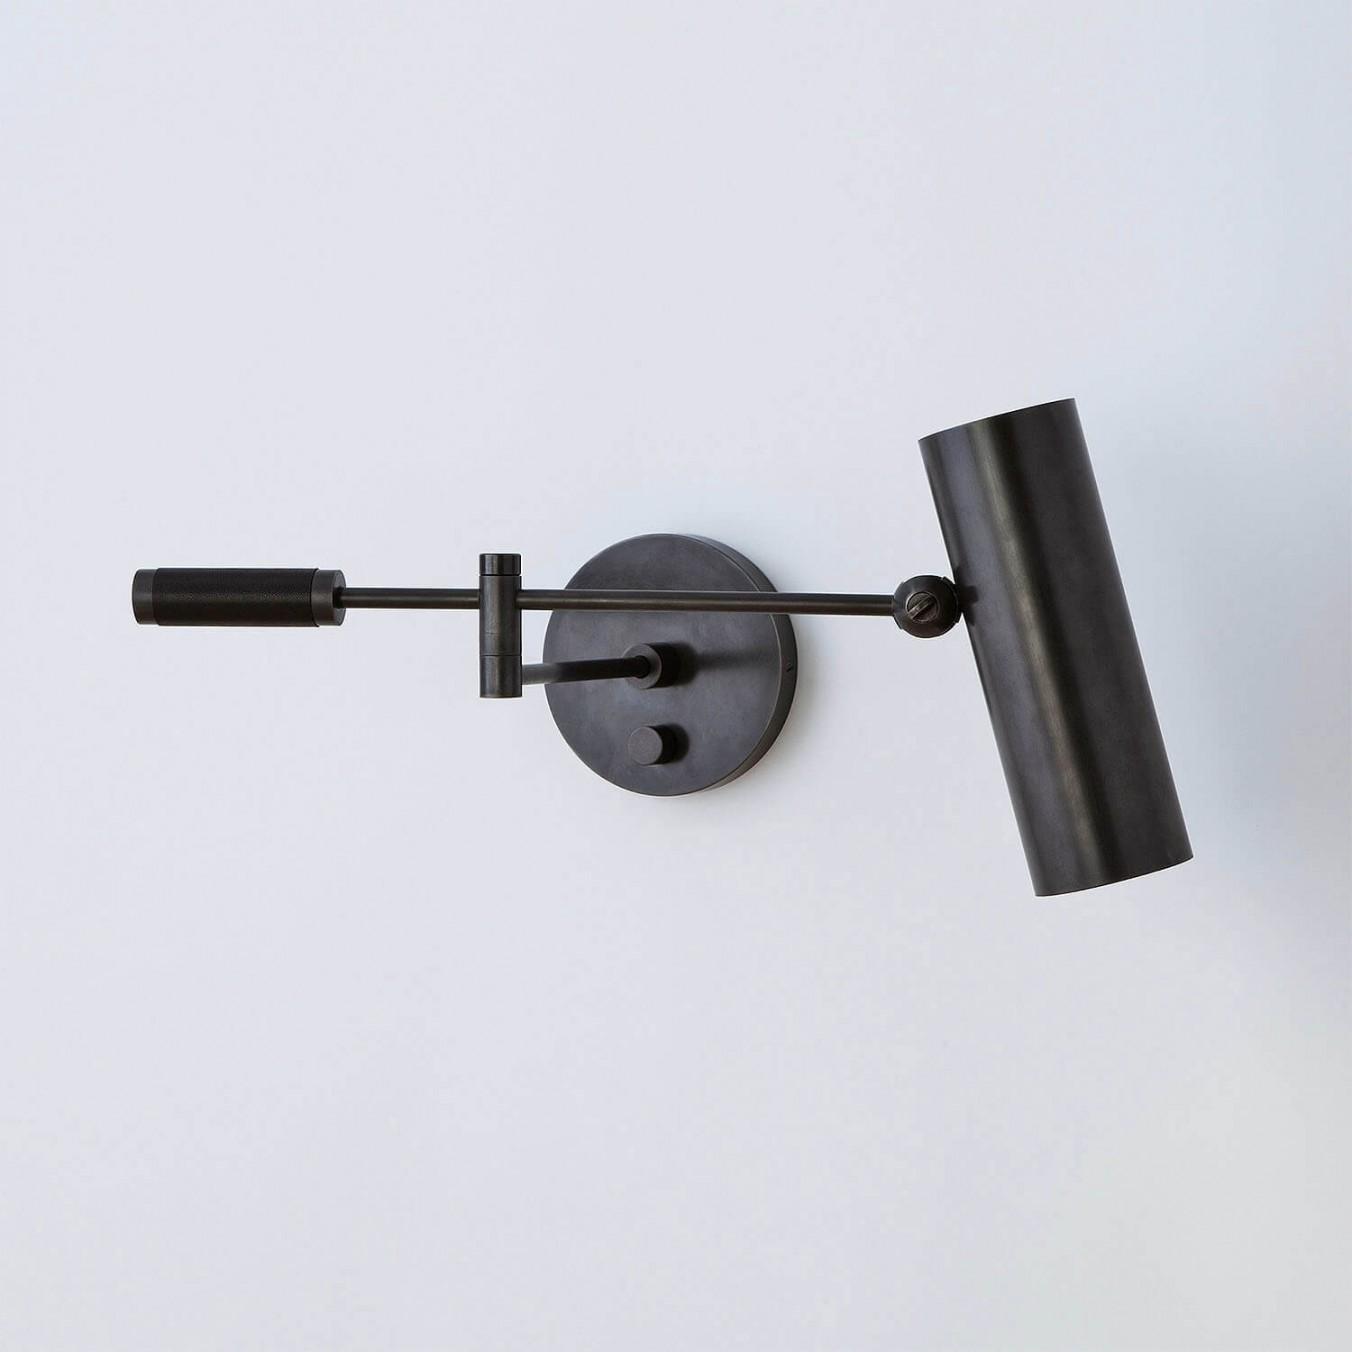 CYLINDER ARM SCONCE